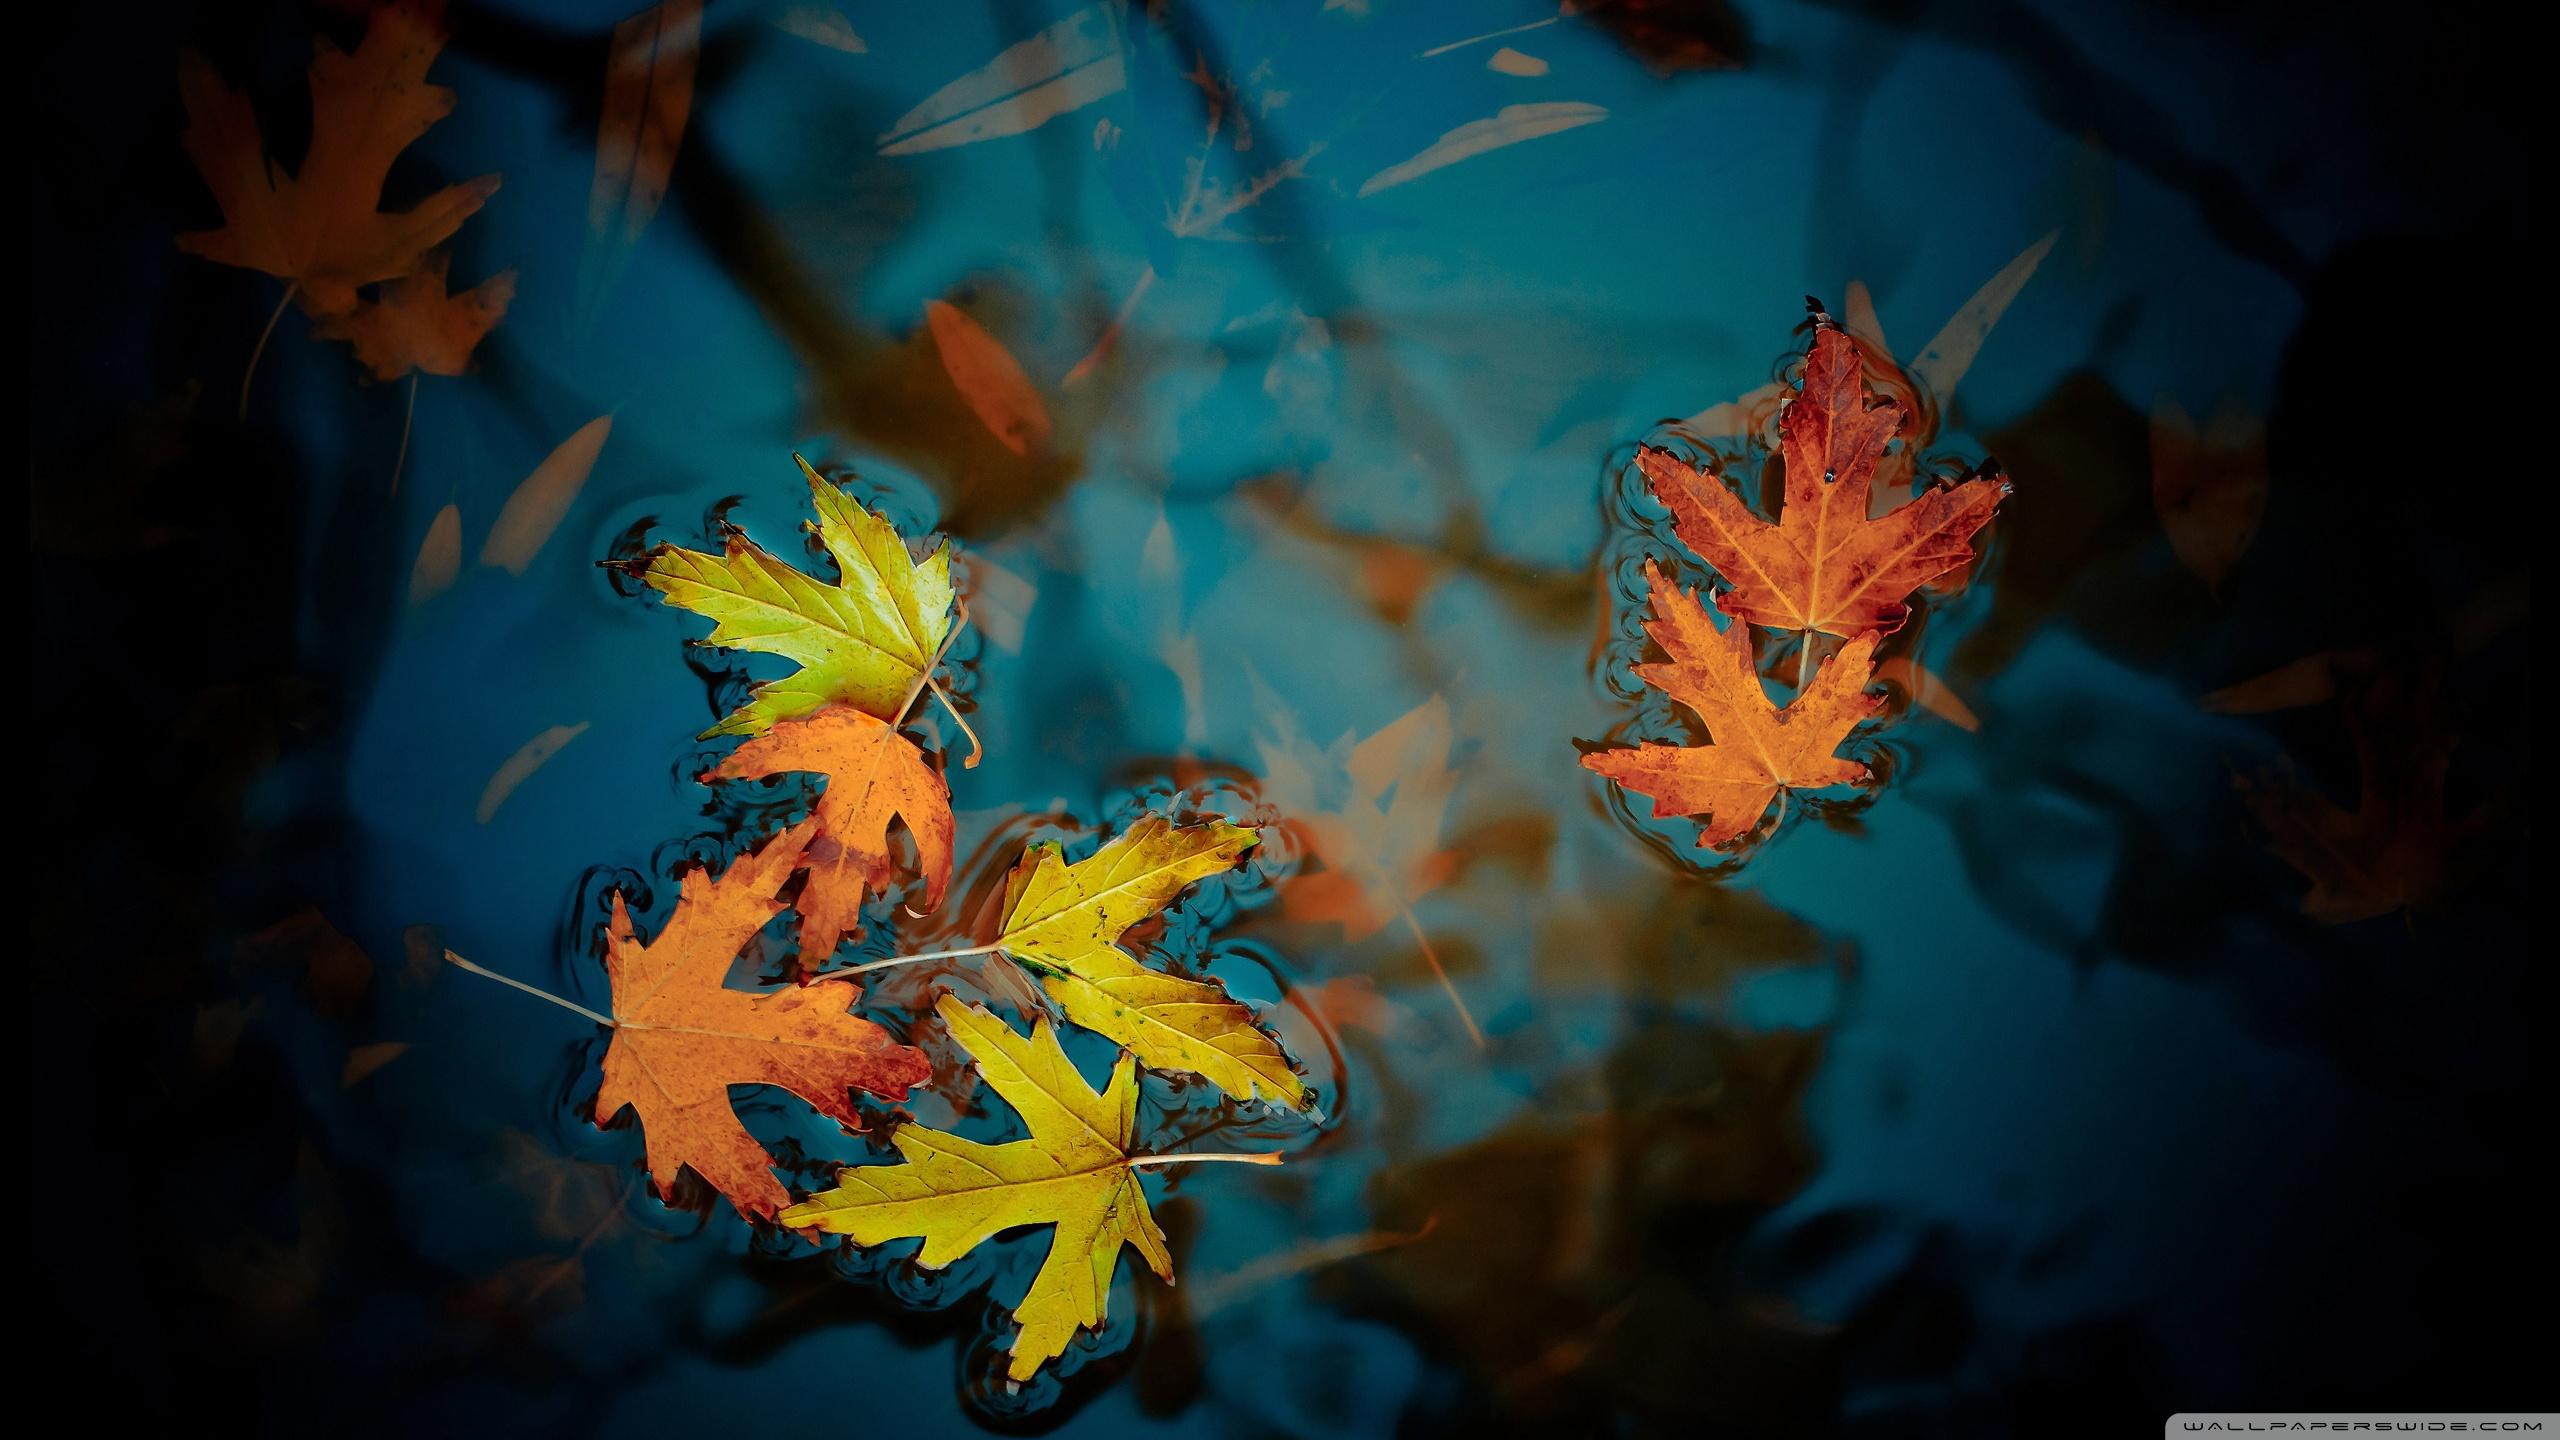 Fallen Leaves ❤ 4K HD Desktop Wallpaper for 4K Ultra HD TV • Dual ...